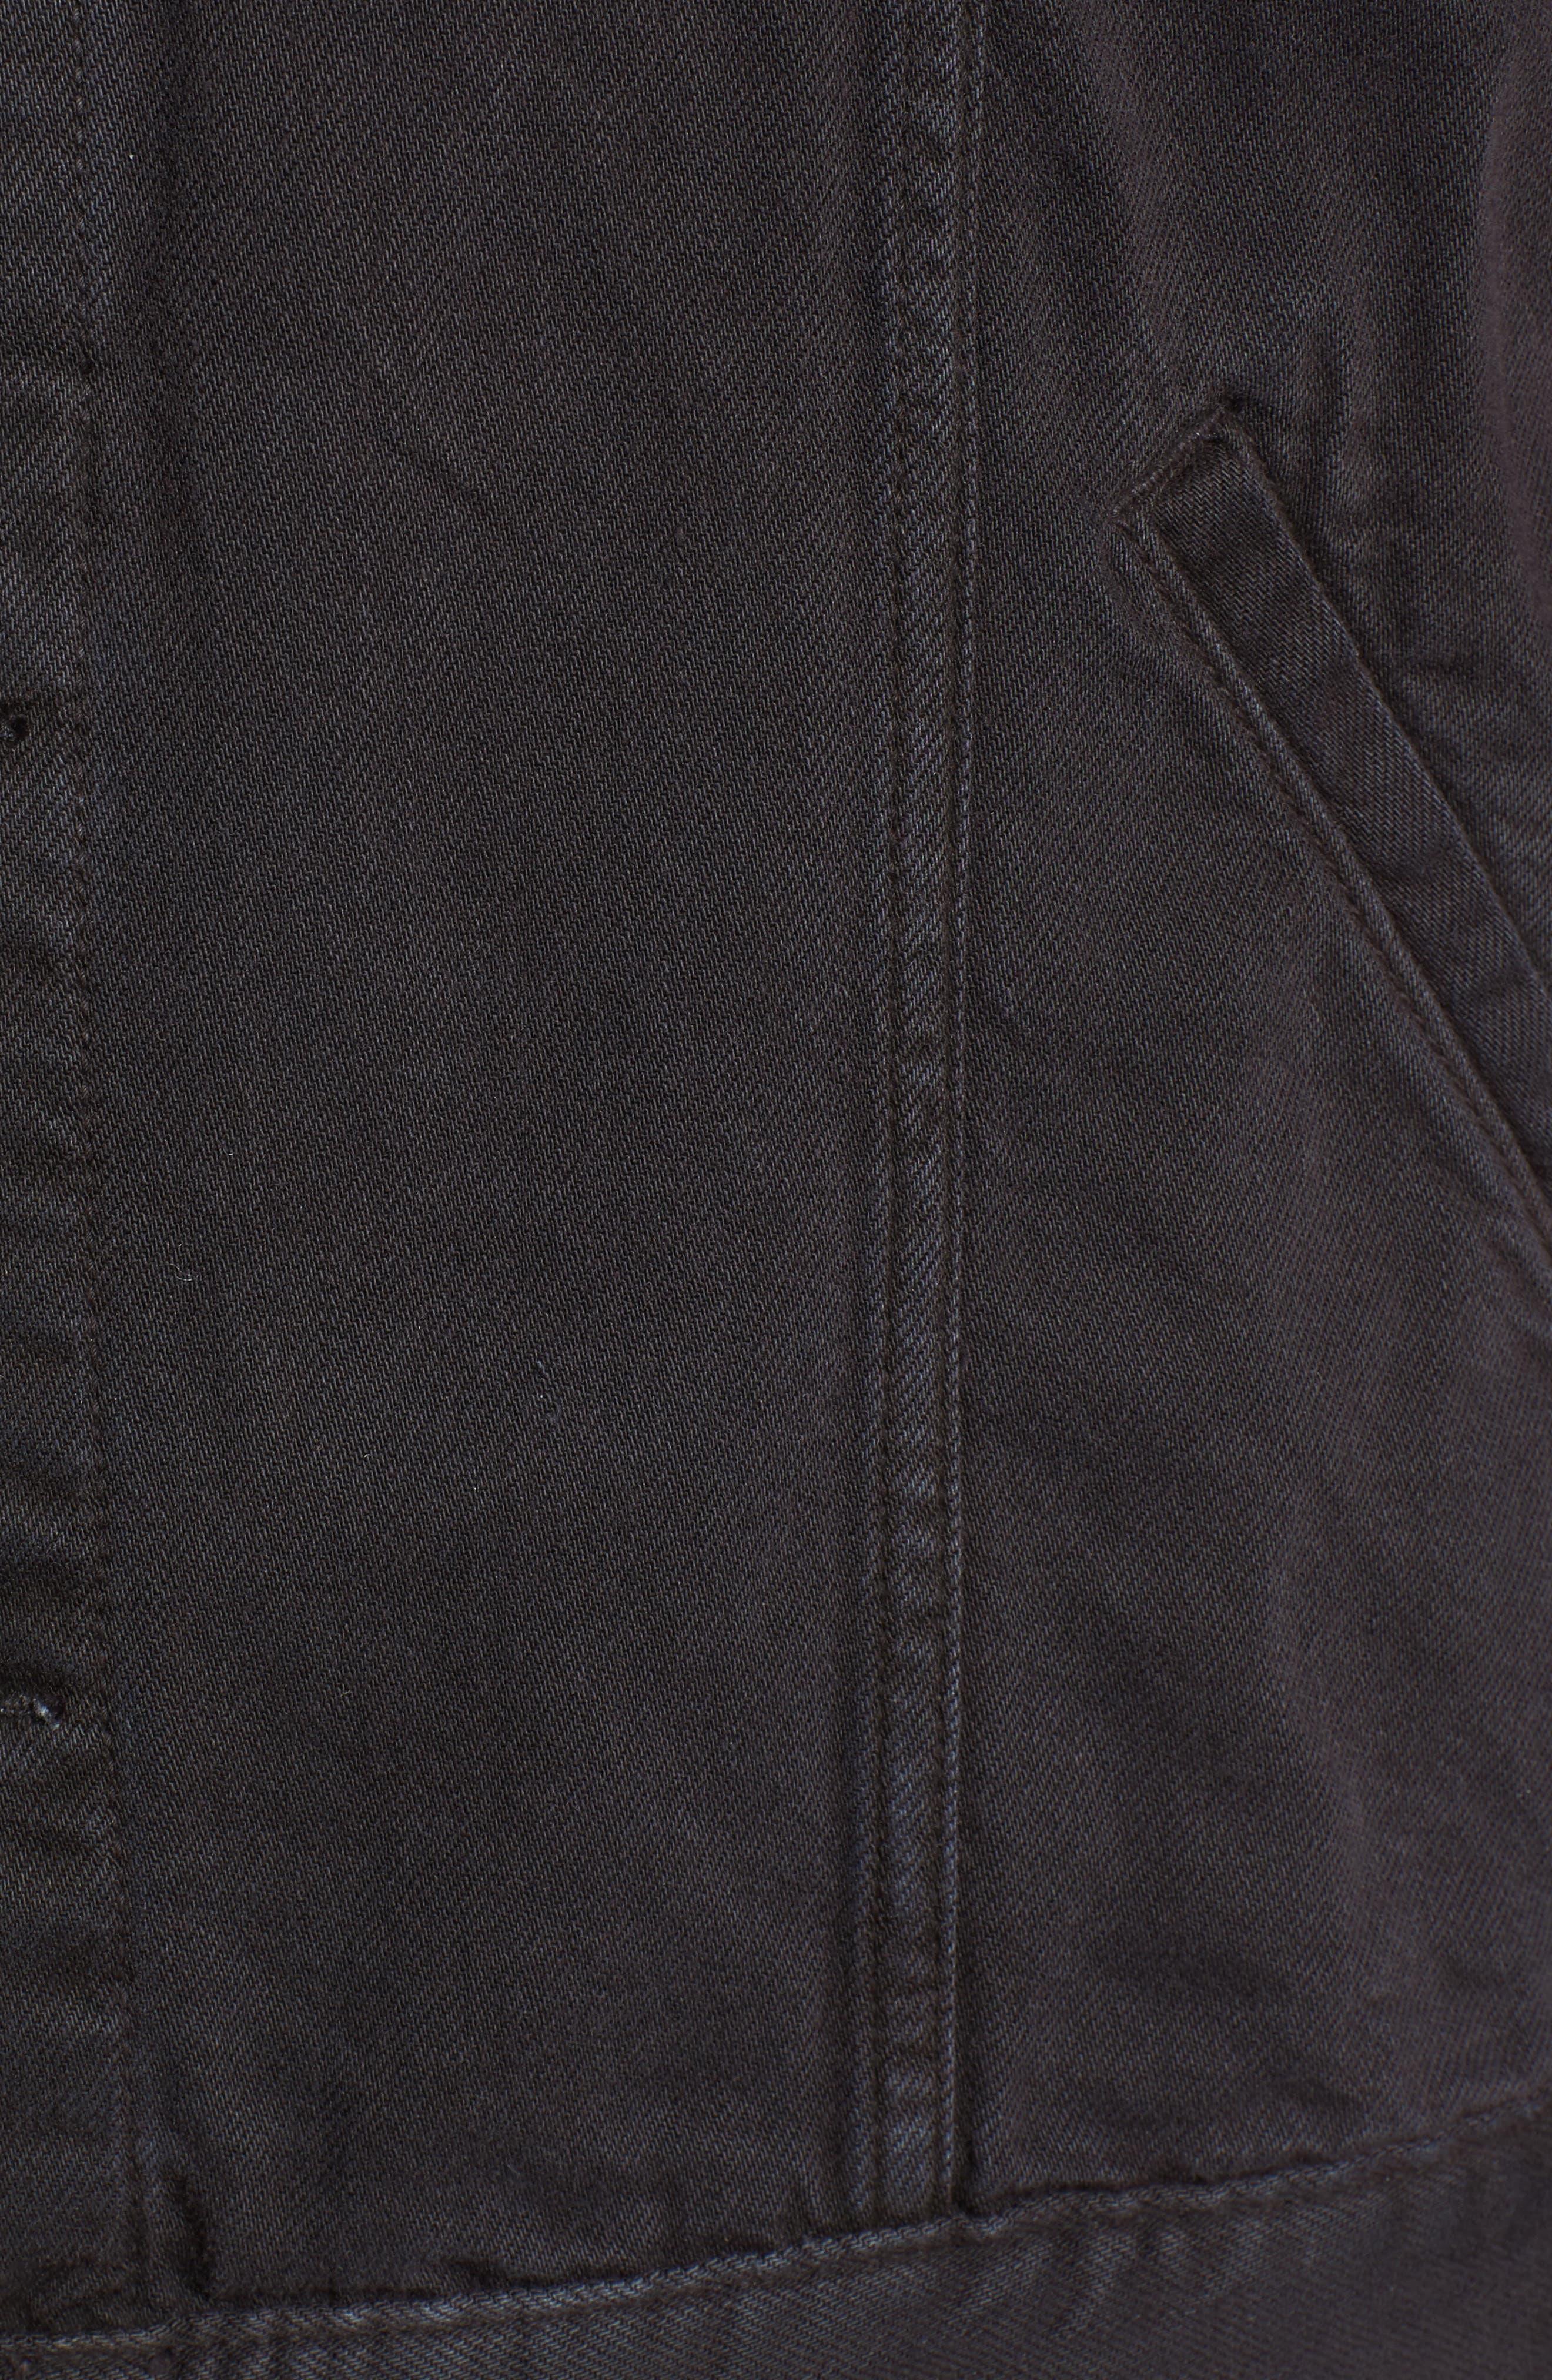 Scout Denim Jacket,                             Alternate thumbnail 5, color,                             Vintage Raven